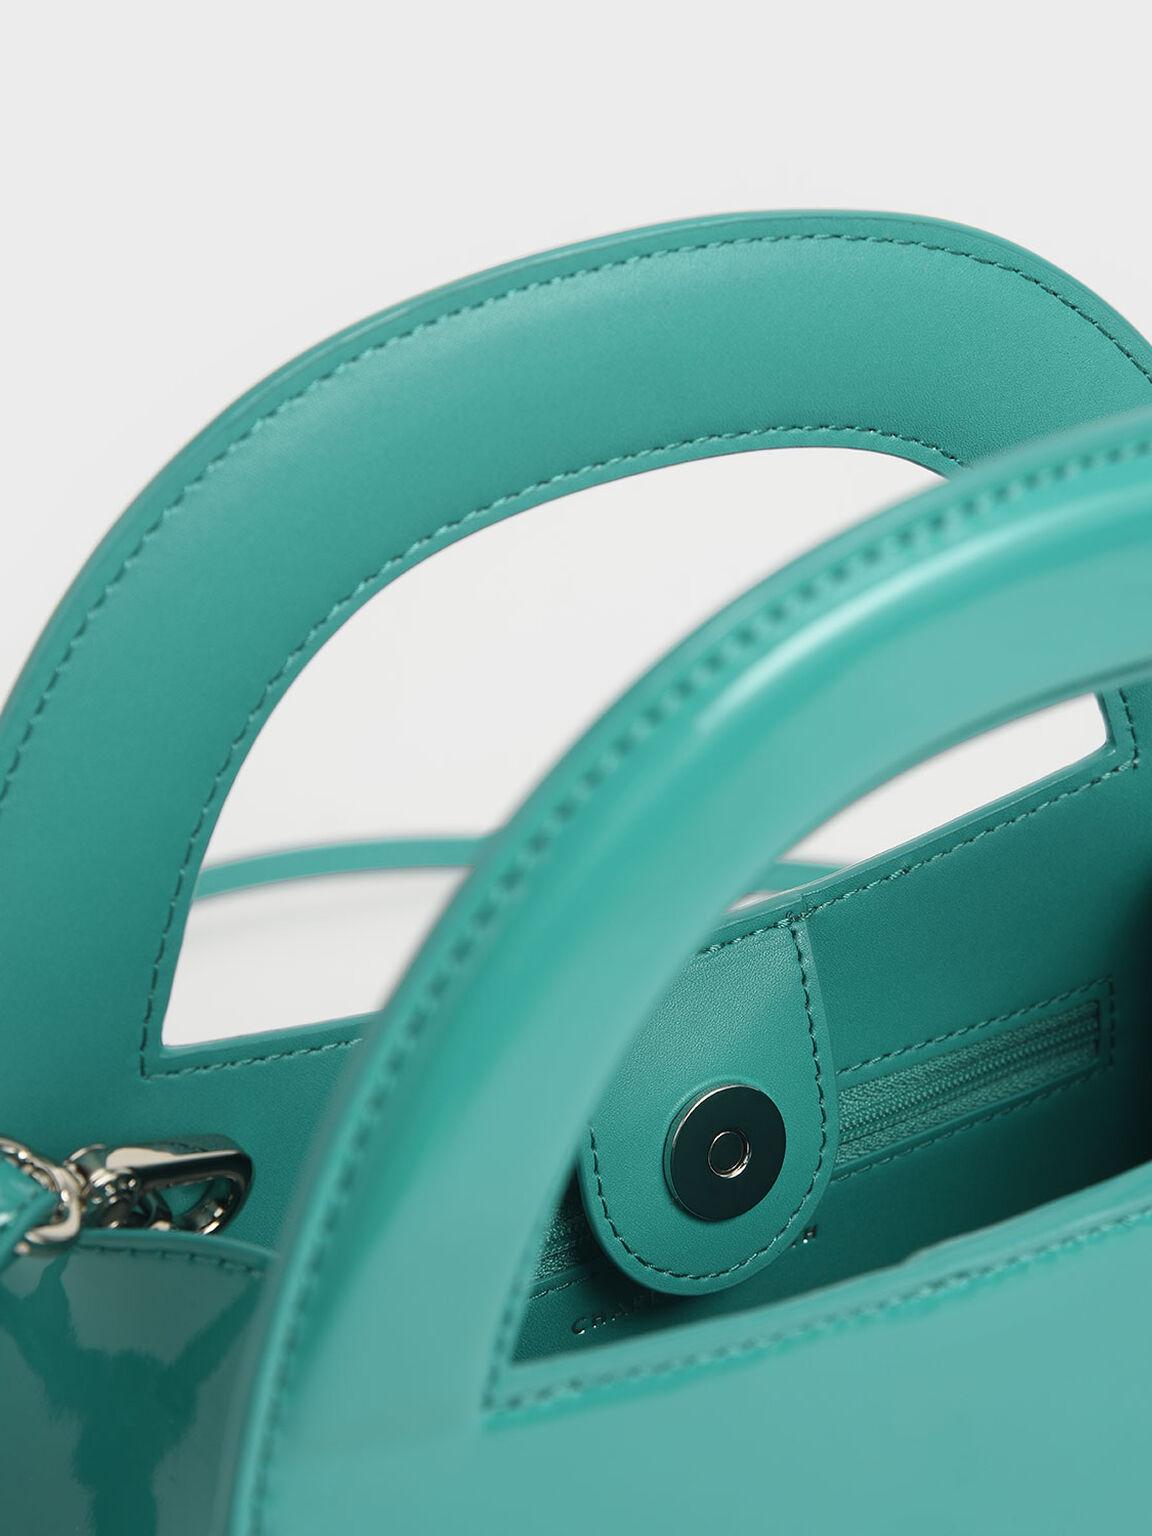 Patent Double Top Handle Handbag, Teal, hi-res